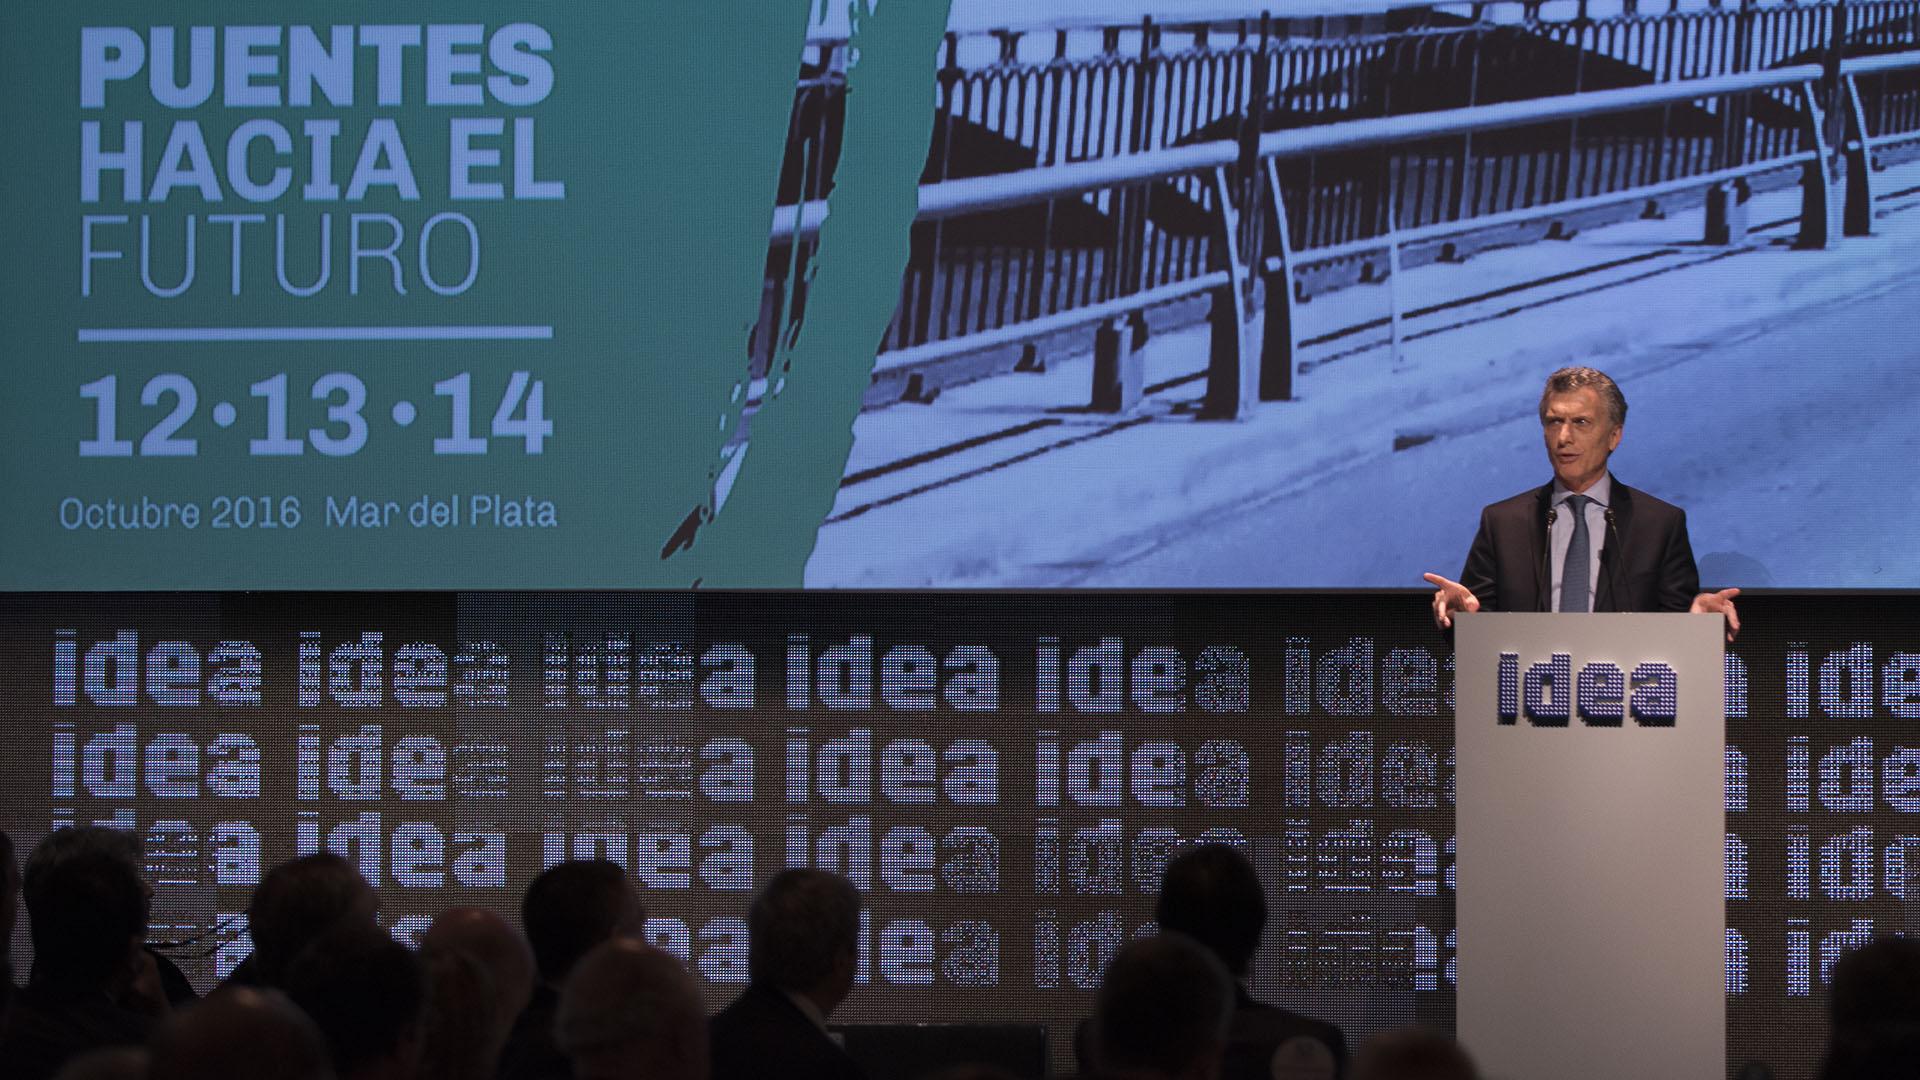 Mauricio Macri, el primer presidente en 15 años que participa del Coloquio de IDEA en Mar del Plata, inauguró el encuentro con un discurso en el que recordó su participación el año pasado, hizo referencia a su gestión y dejó un mensaje a los empresarios